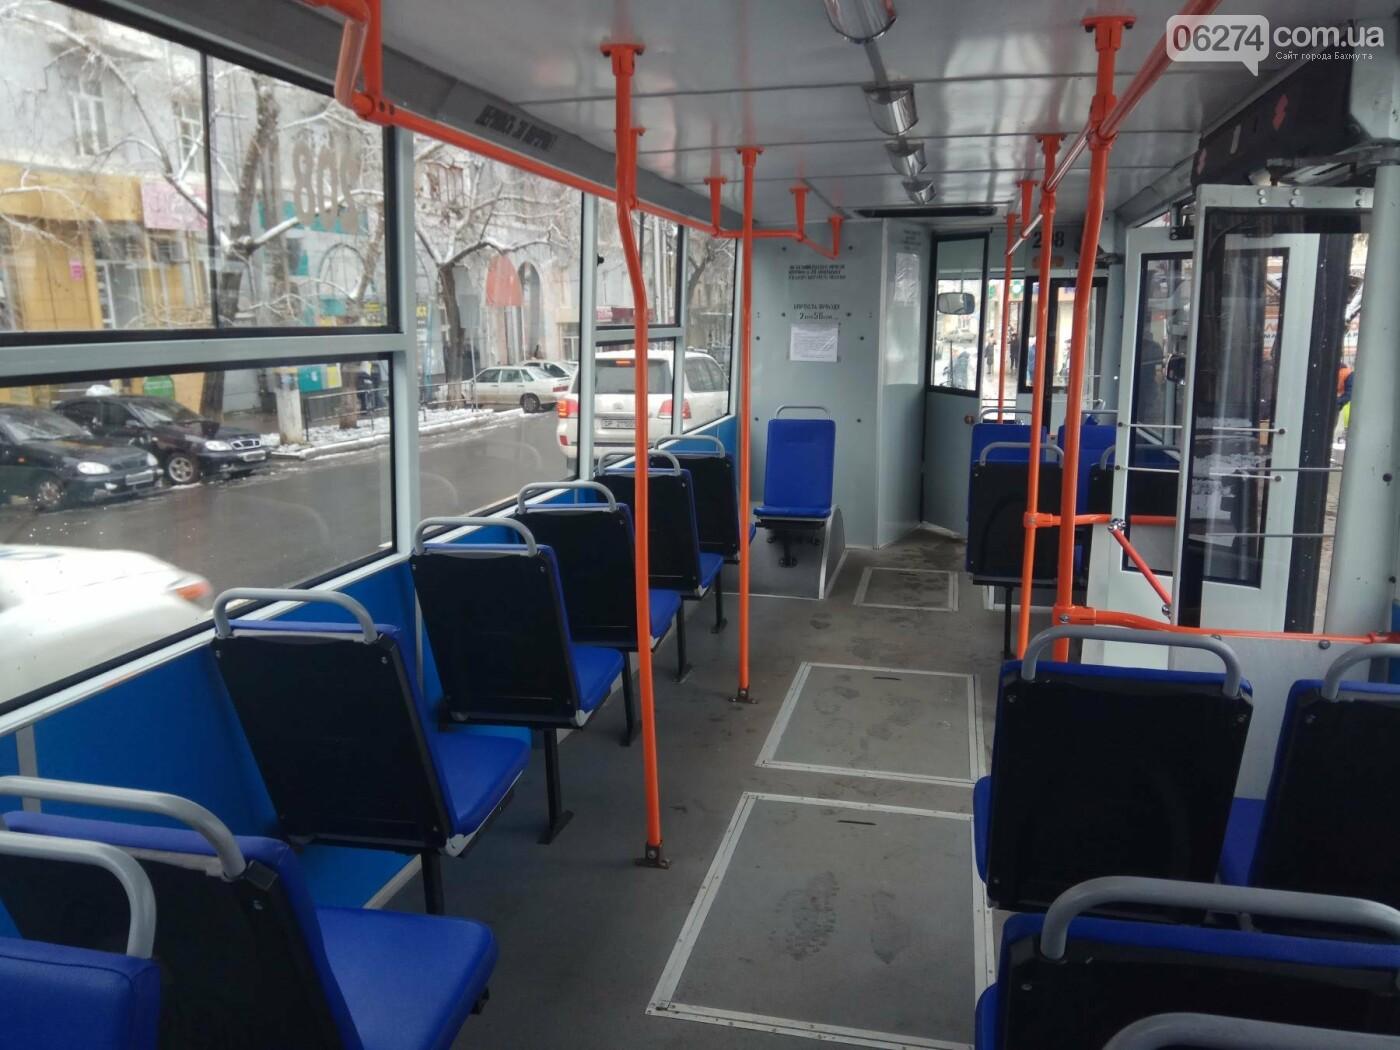 В Бахмуте презентовали капитально отремонтированный троллейбус (ФОТО), фото-4